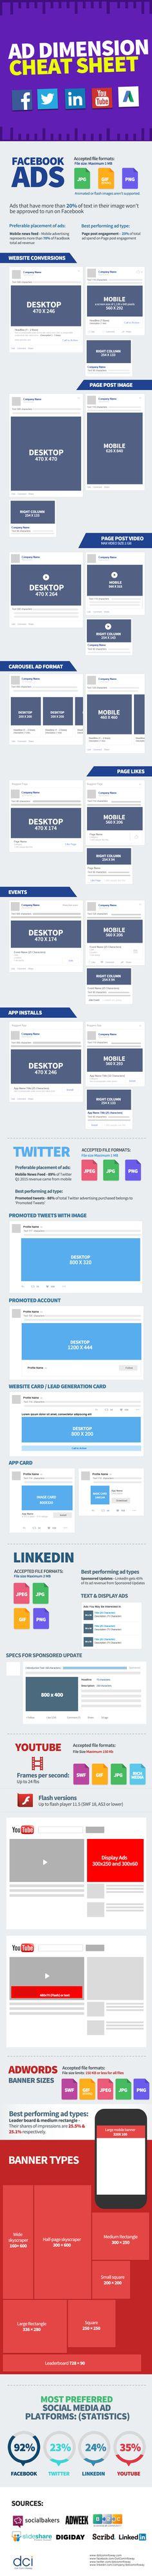 Die Bildgrößen von Facebook, Twitter, Google+, Instagram und Pinterest findet ihr schon seit einem Jahr in diesem Beitrag. Einen weiteren Blickwinkel bringt nundotcominfoway.Von ihnen wurden alle Anzeigenspezifikationen derSocial Networks in.....